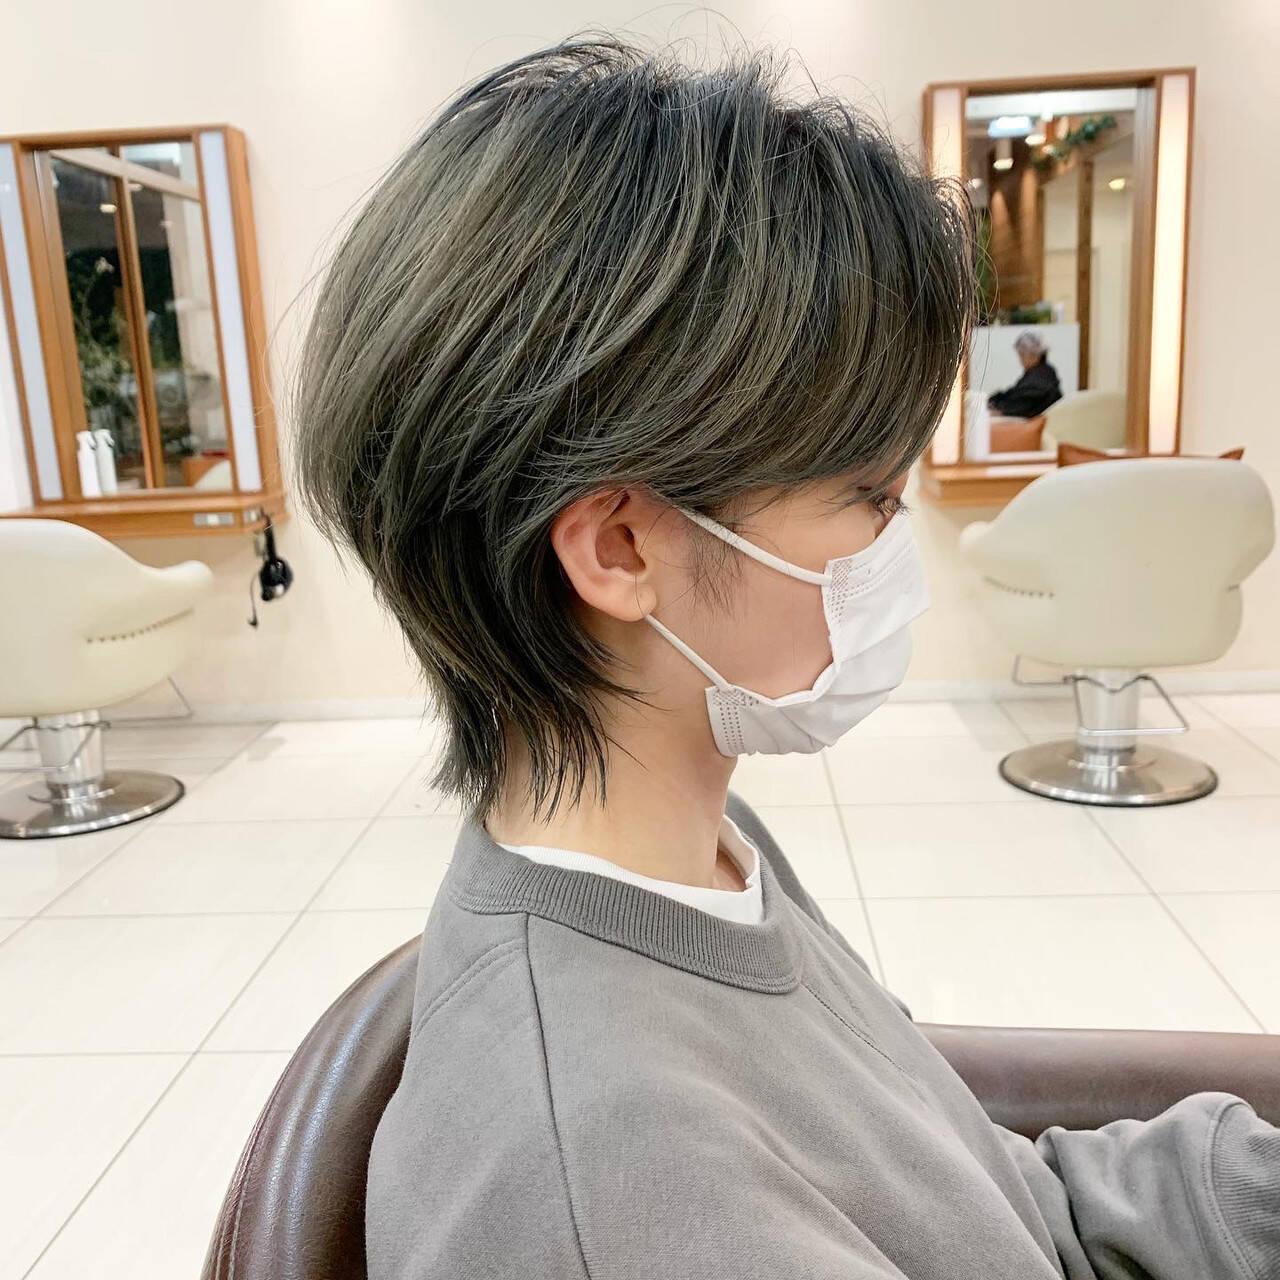 ショートヘア マッシュウルフ ネオウルフ ウルフカットヘアスタイルや髪型の写真・画像